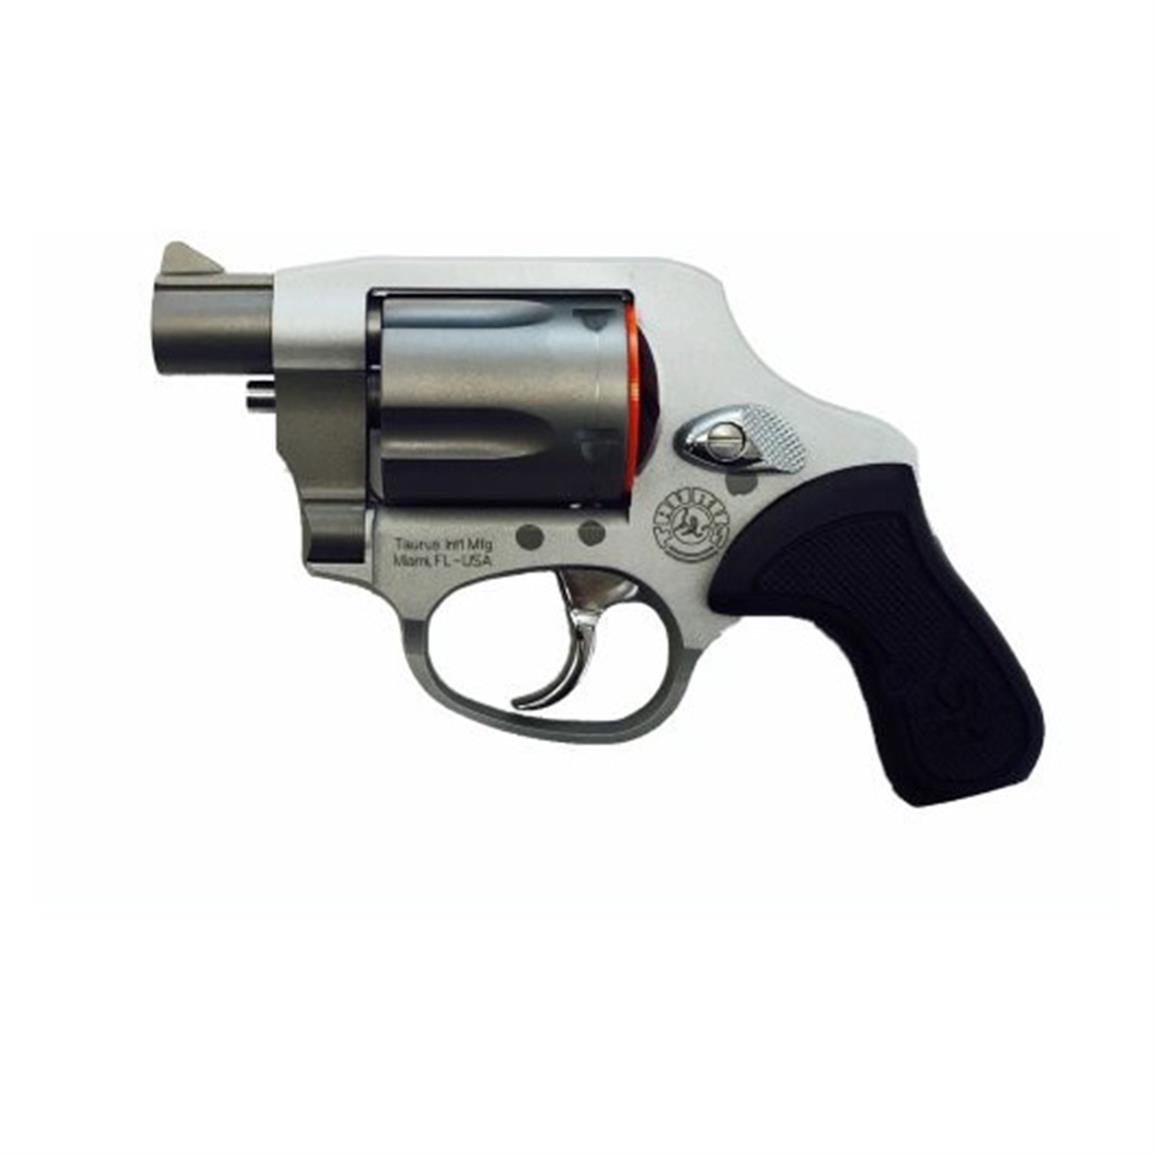 Taurus 85 no view snubnose revolver 38 special titanium 1 barrel taurus 85 no view snubnose revolver 38 special titanium 1 barrel 34009 999 sh altavistaventures Images